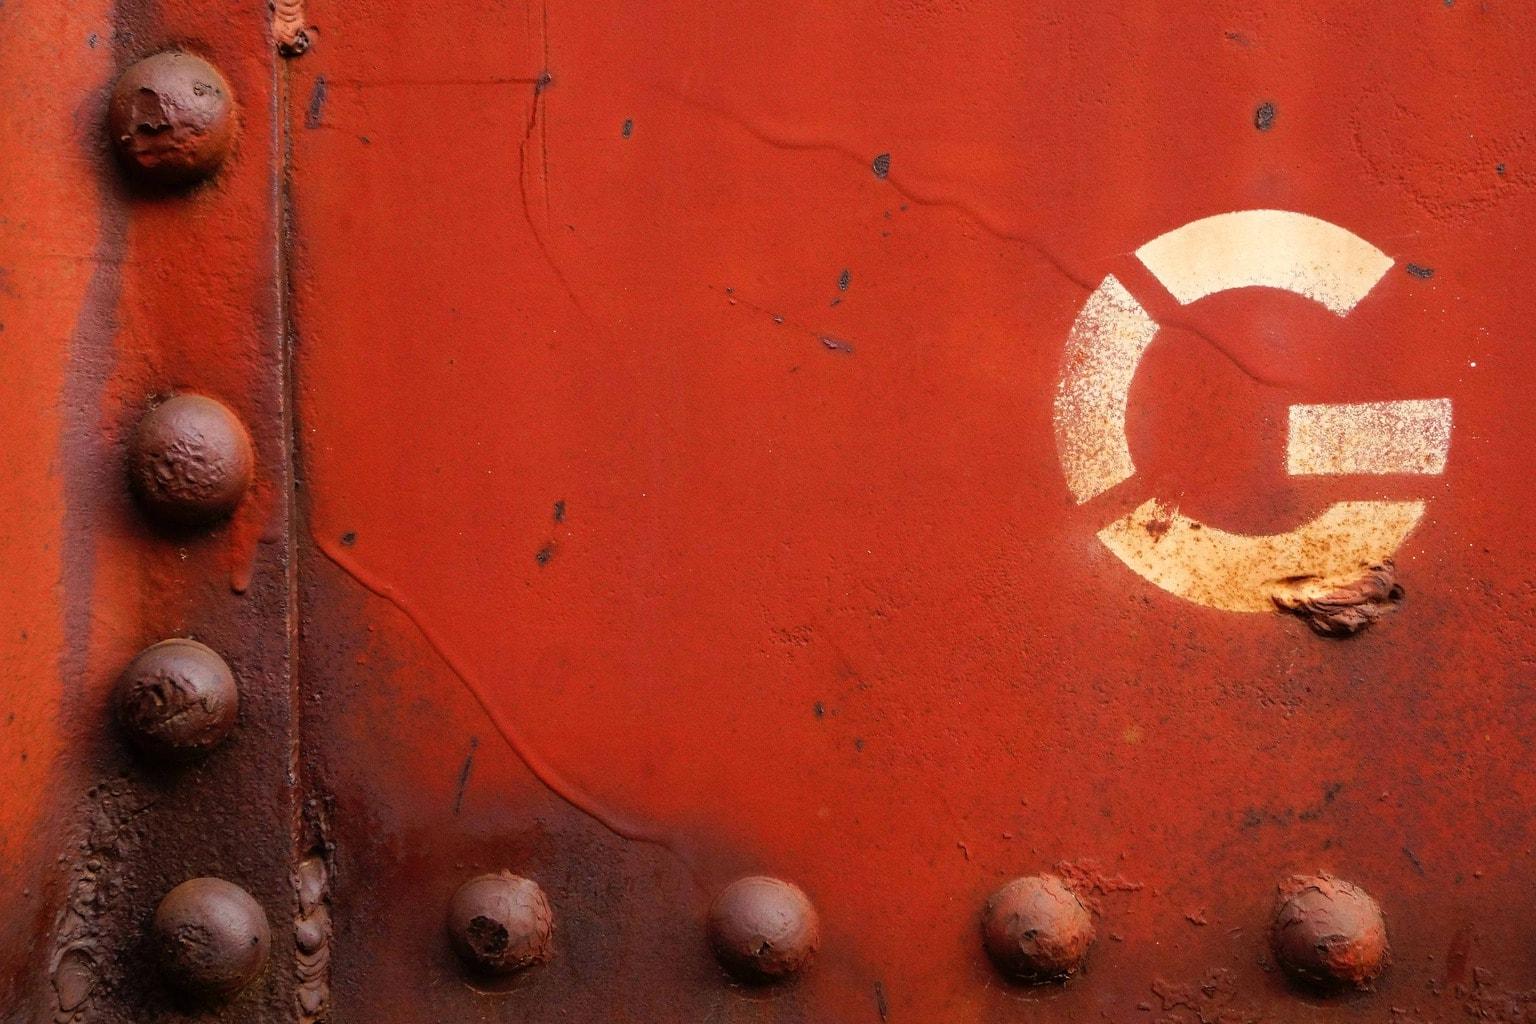 Letra G en fachada roja, ejemplo de construcción de abecedario fotográfico